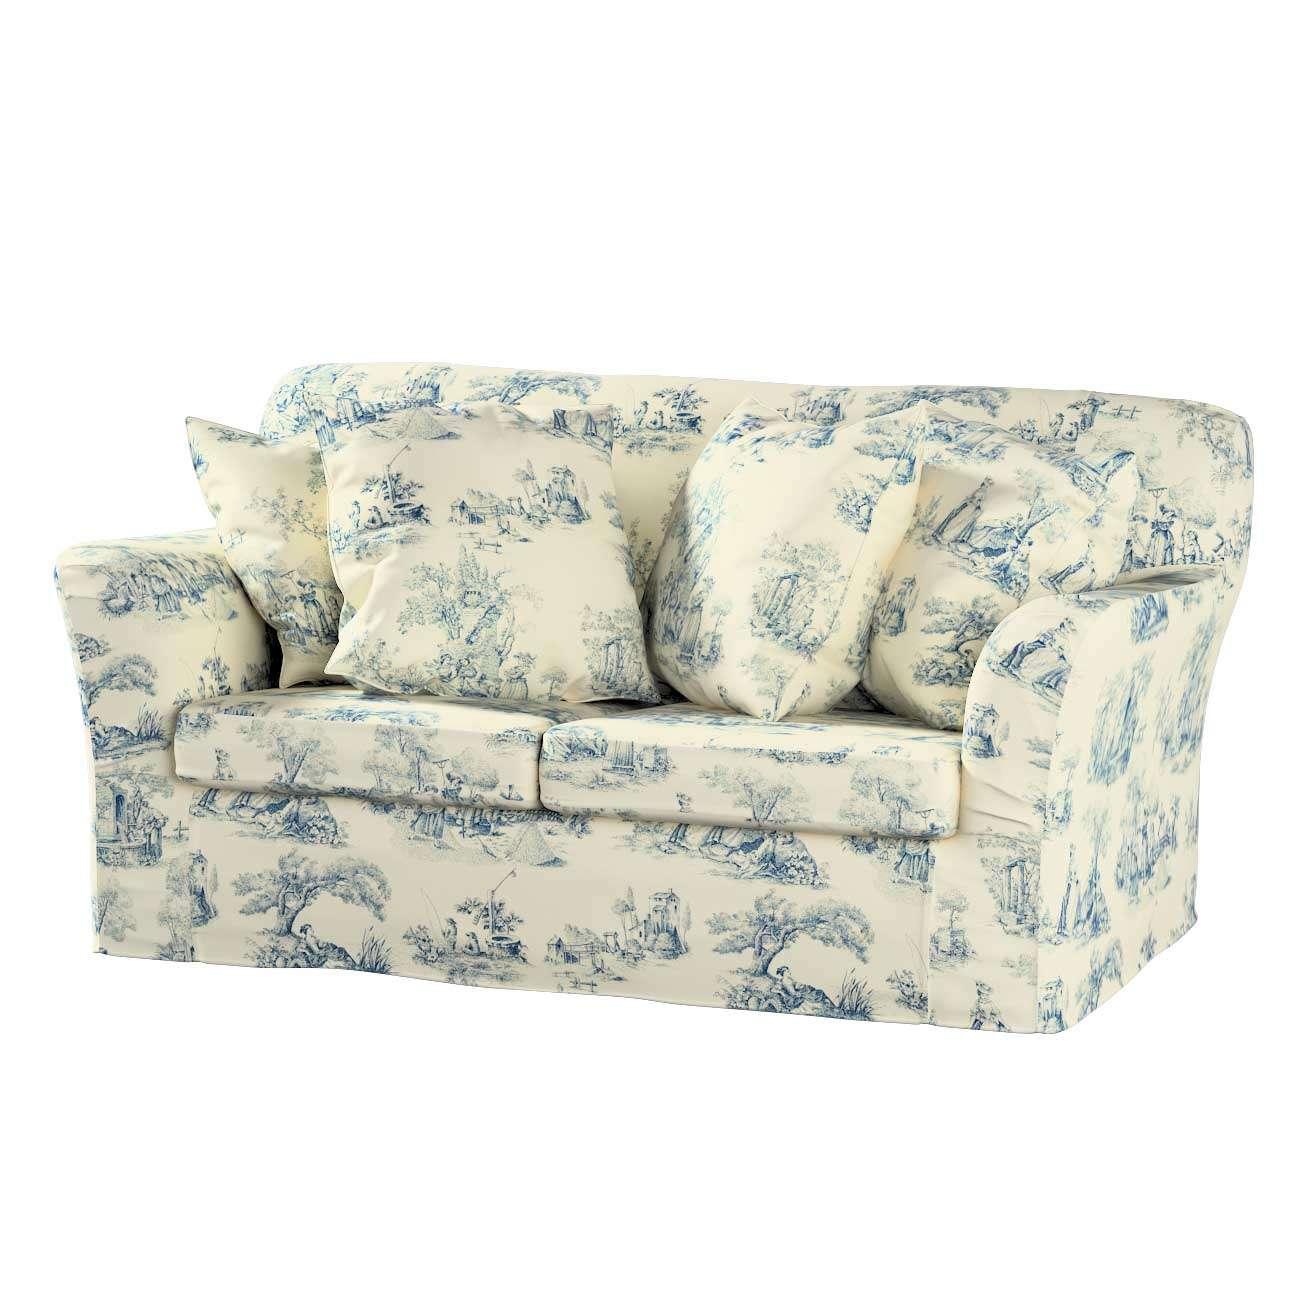 Tomelilla 2-Sitzer Sofabezug nicht ausklappbar Sofahusse, Tomelilla 2-Sitzer von der Kollektion Avinon, Stoff: 132-66